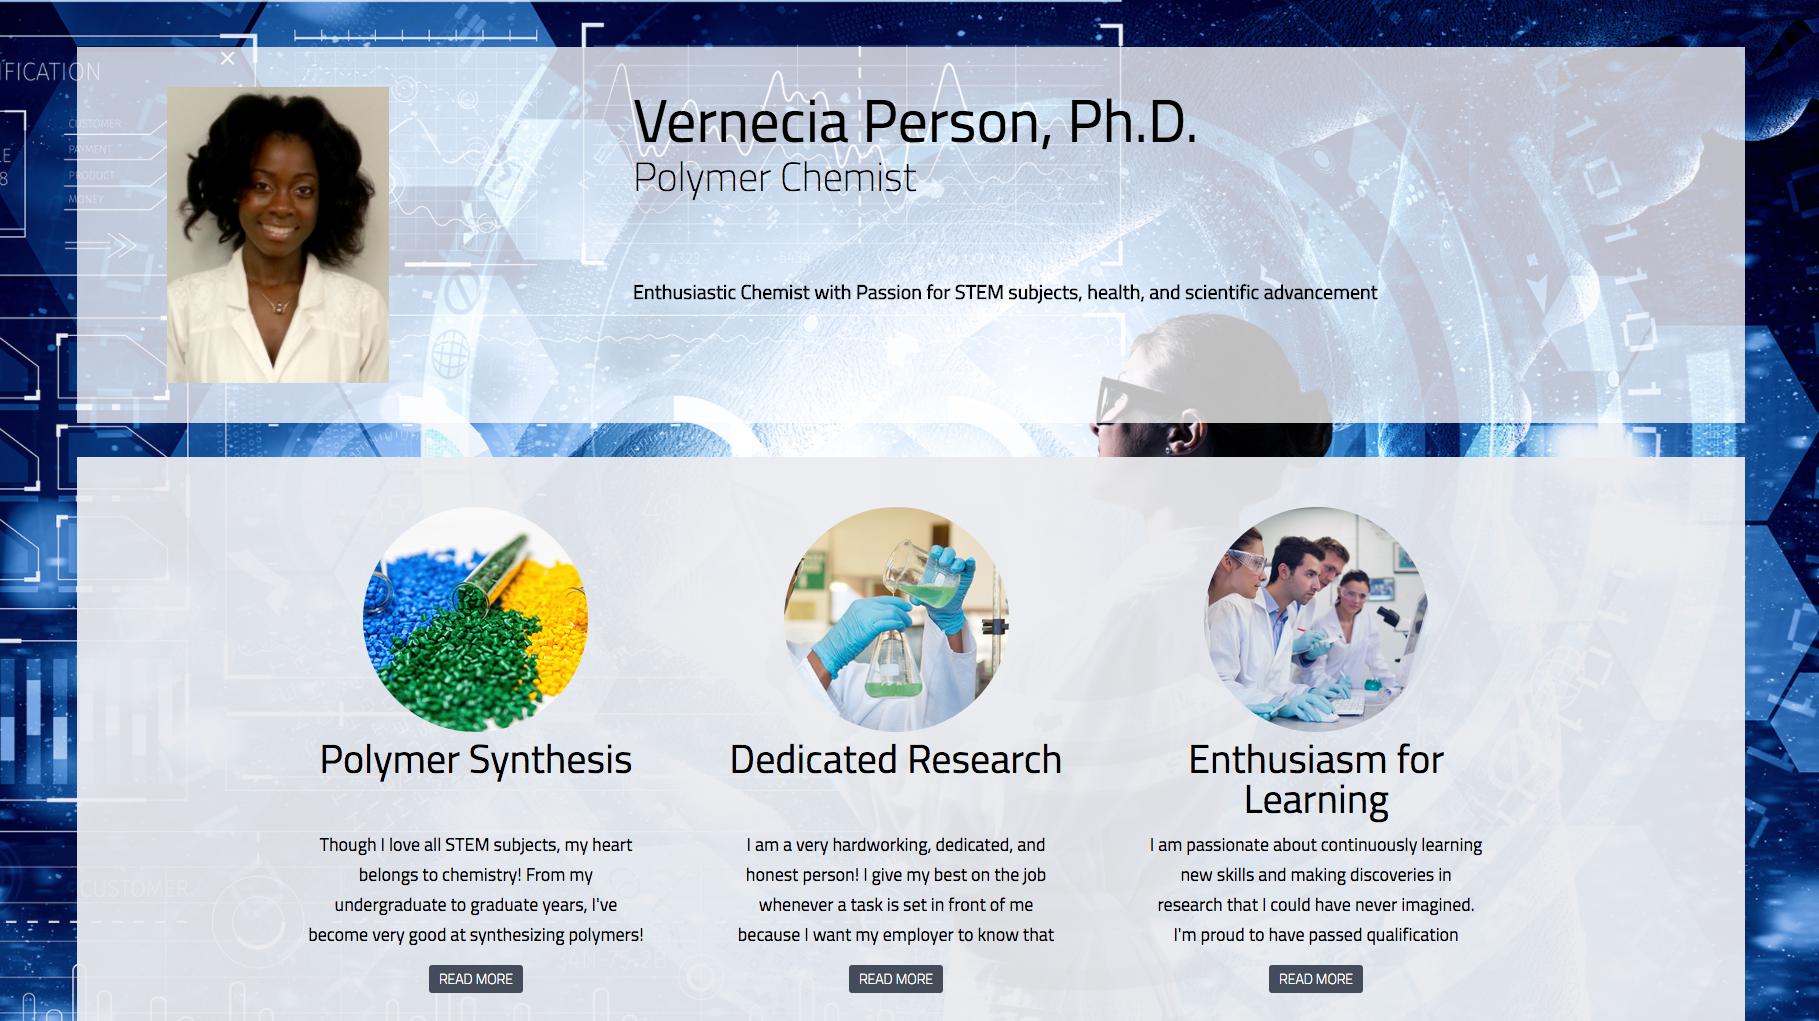 climber com launches platform for career website services